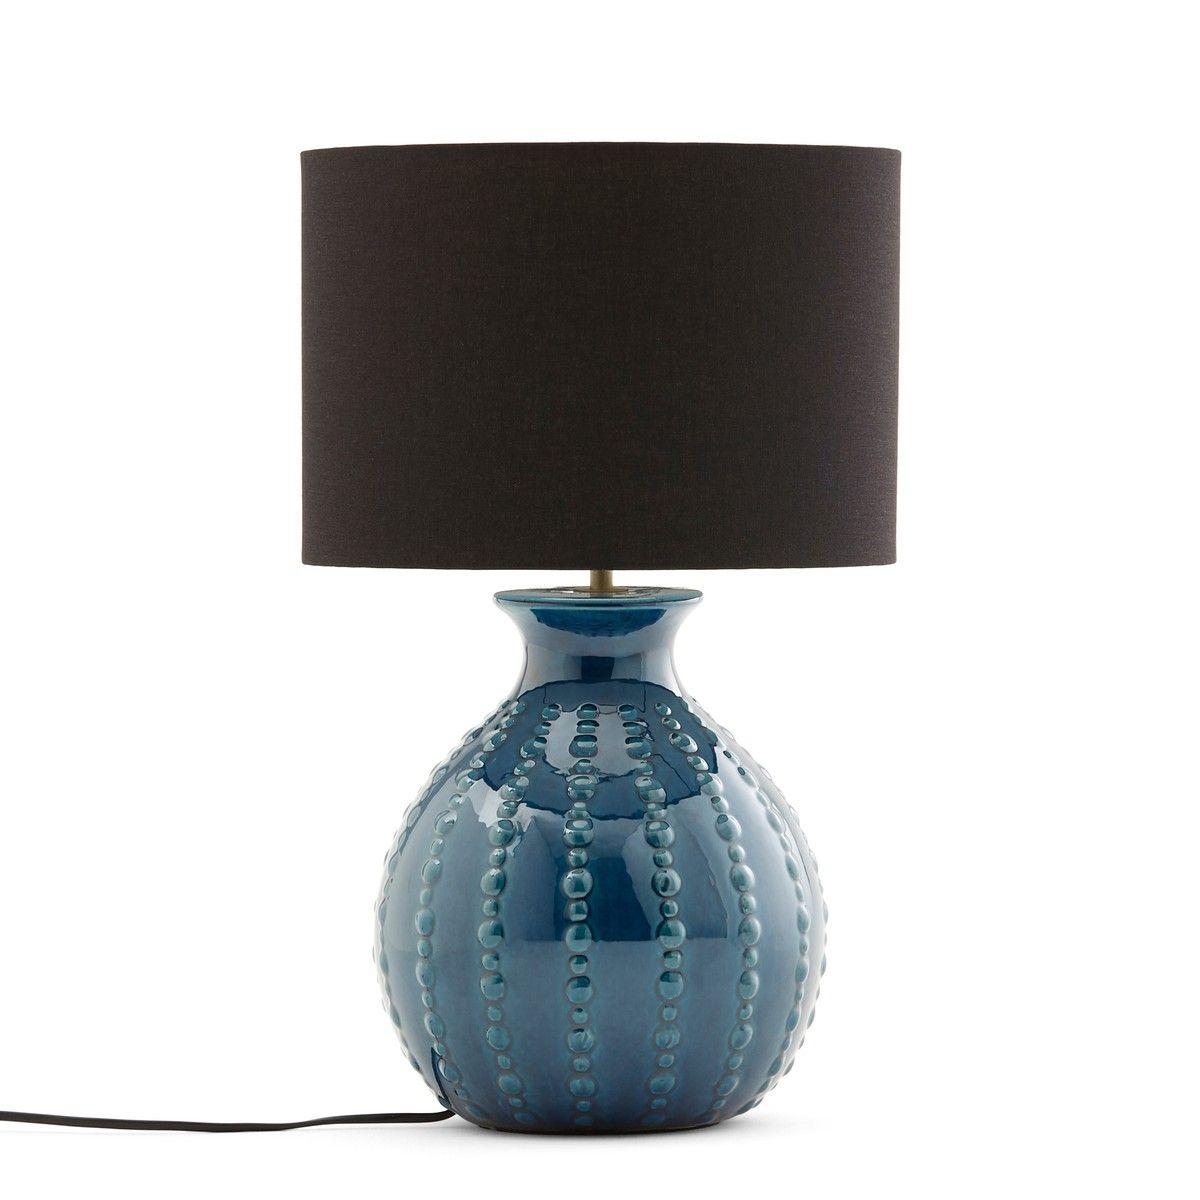 Pied De Lampe Am Pm lampe prodicos   lampe à poser, lampe sur pied et lampe en